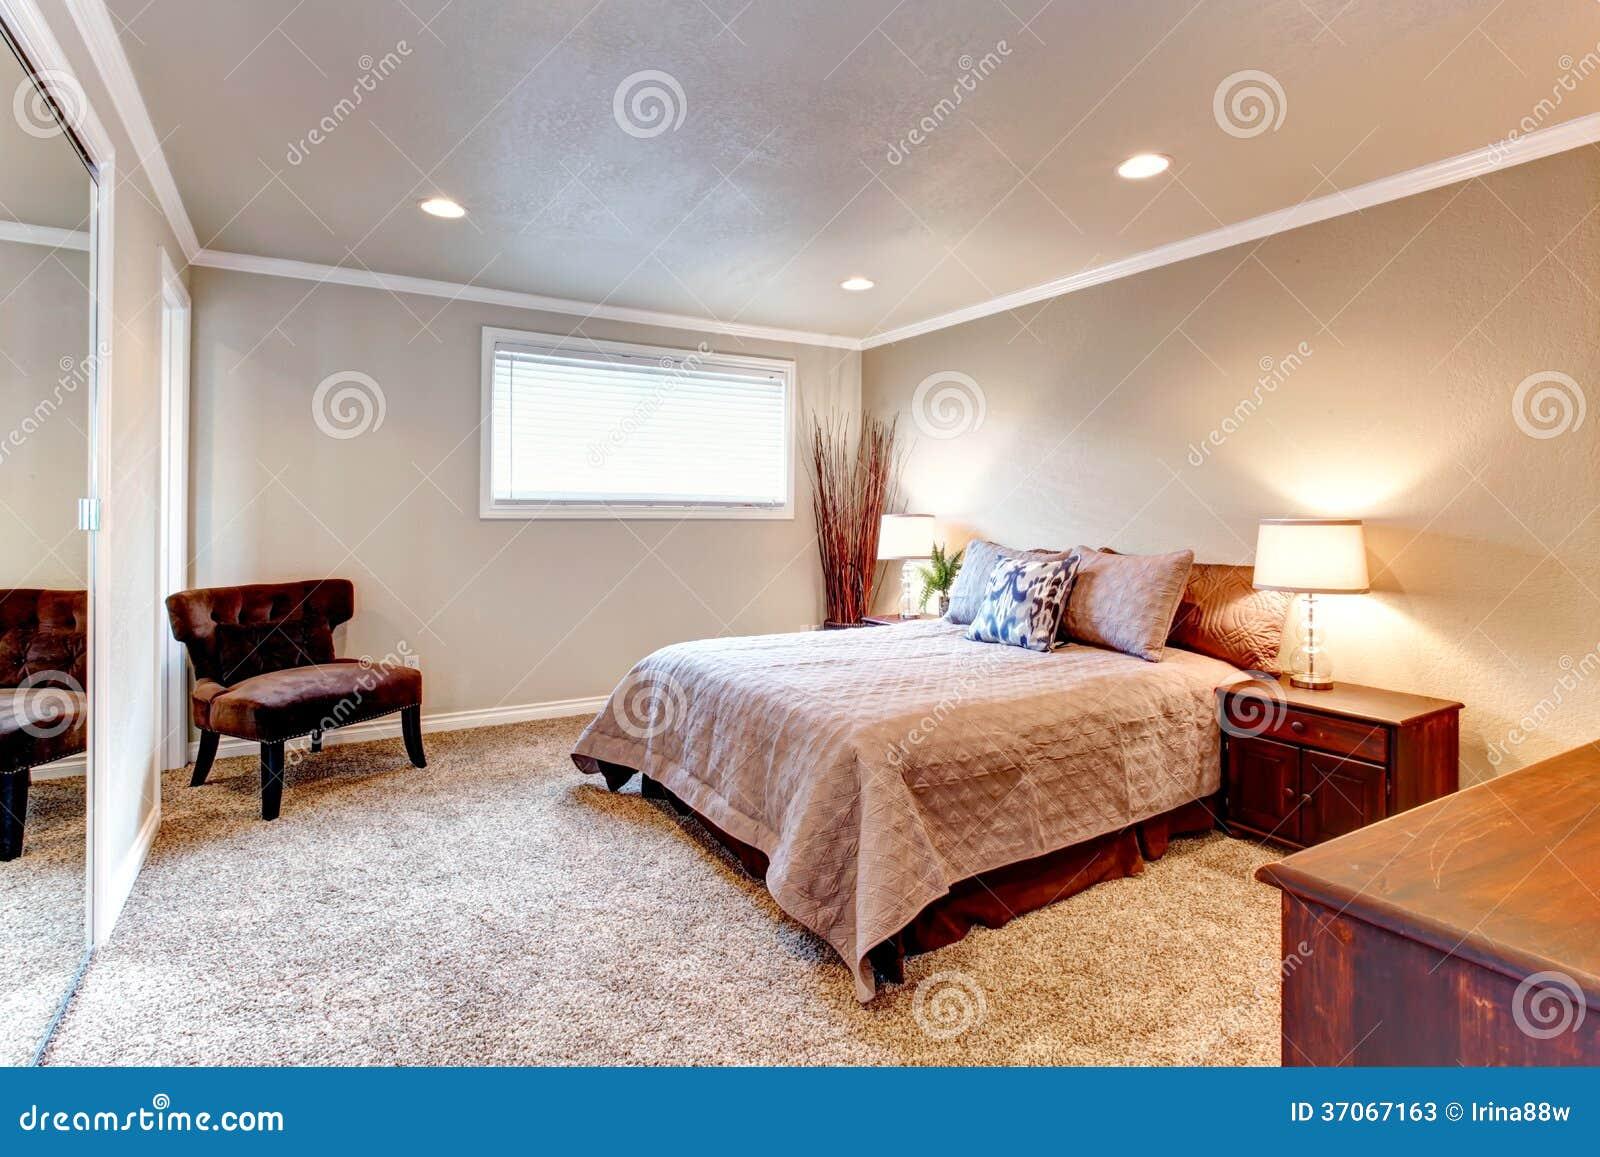 Gemütliches Braun Tont Schlafzimmer Mit Hölzernen Möbeln Und Weichem Teppich